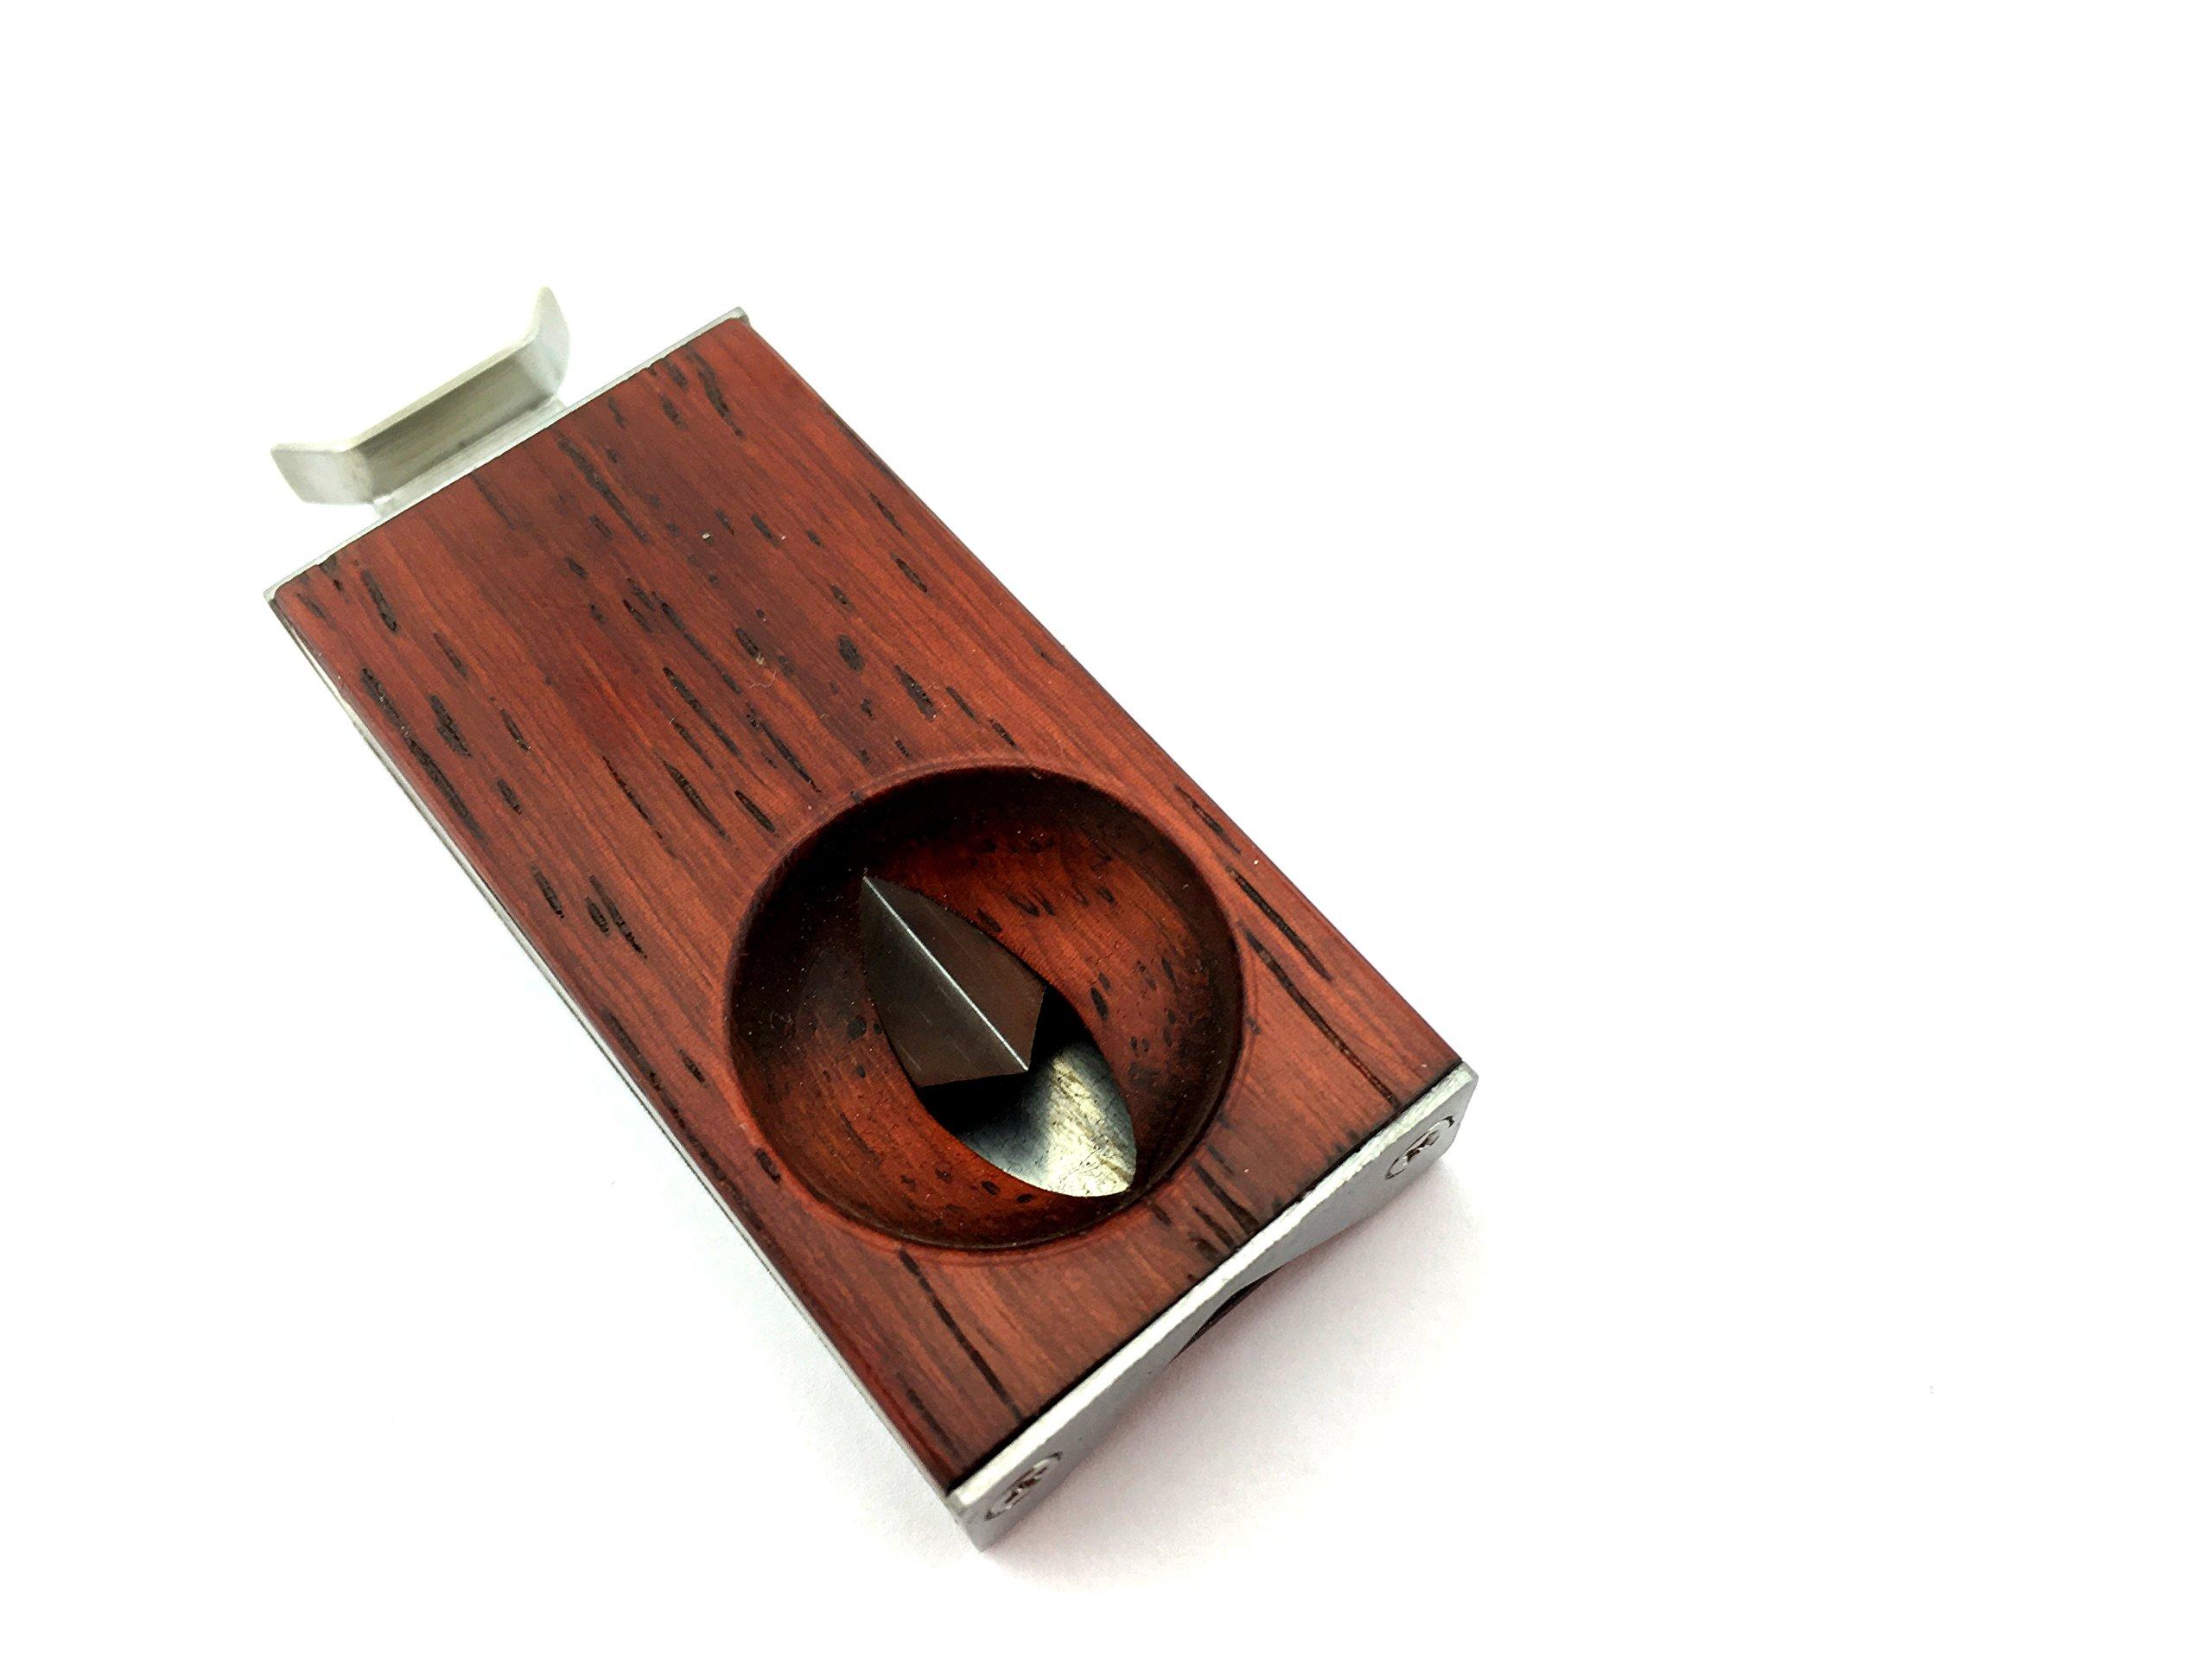 CiGuru CC012 Stainless Steel V-Cut Cigar Cutter by CiGuru